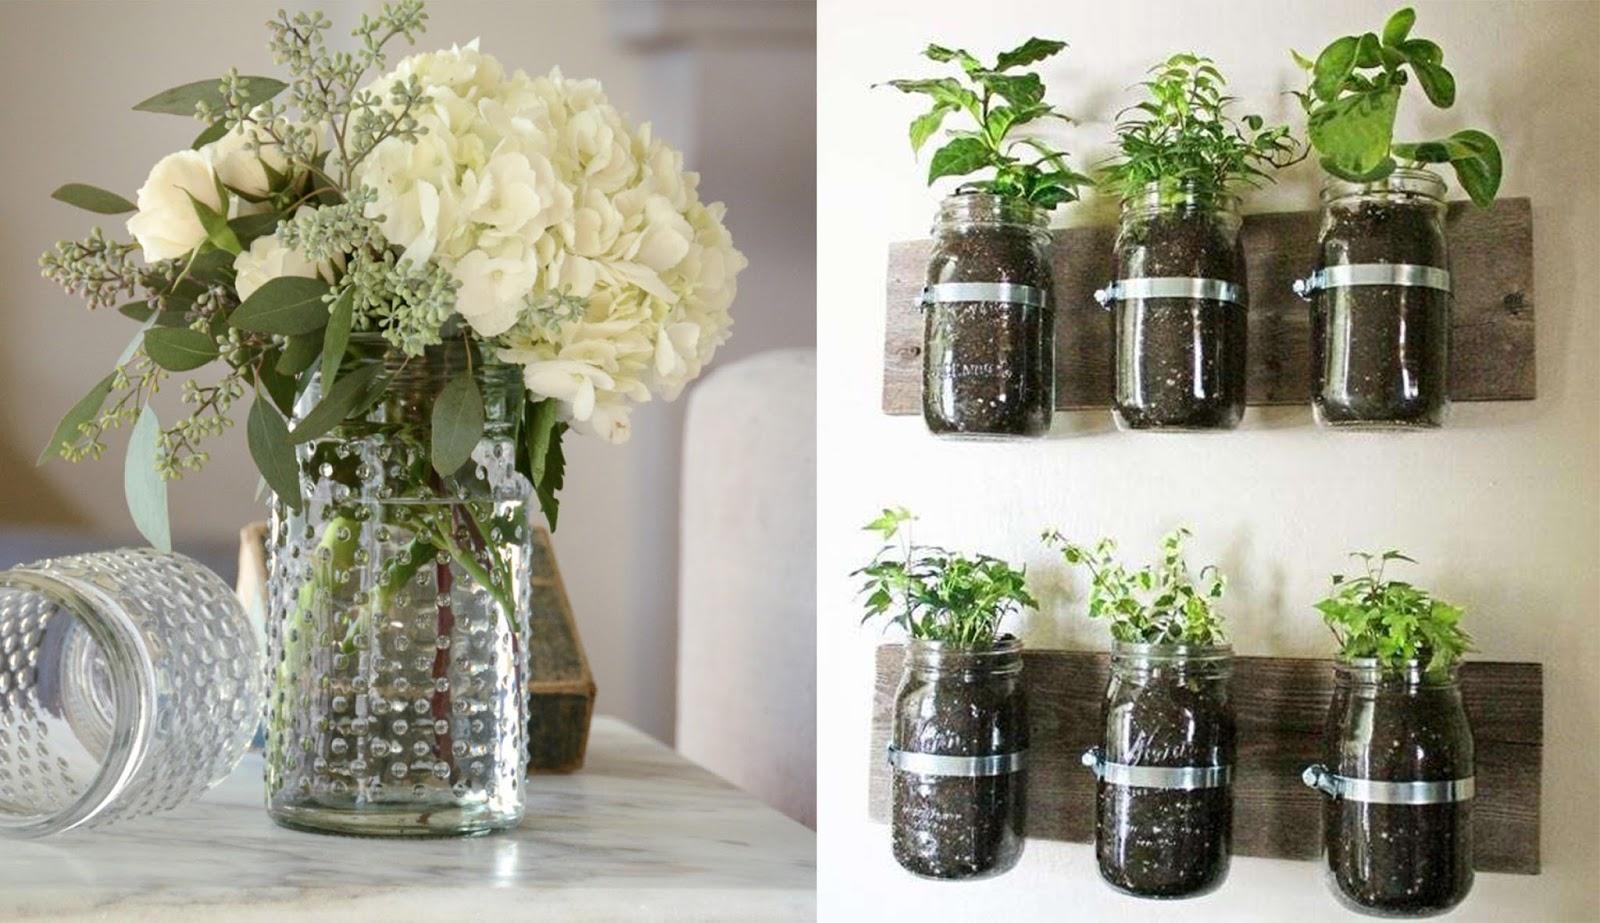 Vasi creativi per fiori e piante idee fai da te e - Tavolo da parete fai da te ...